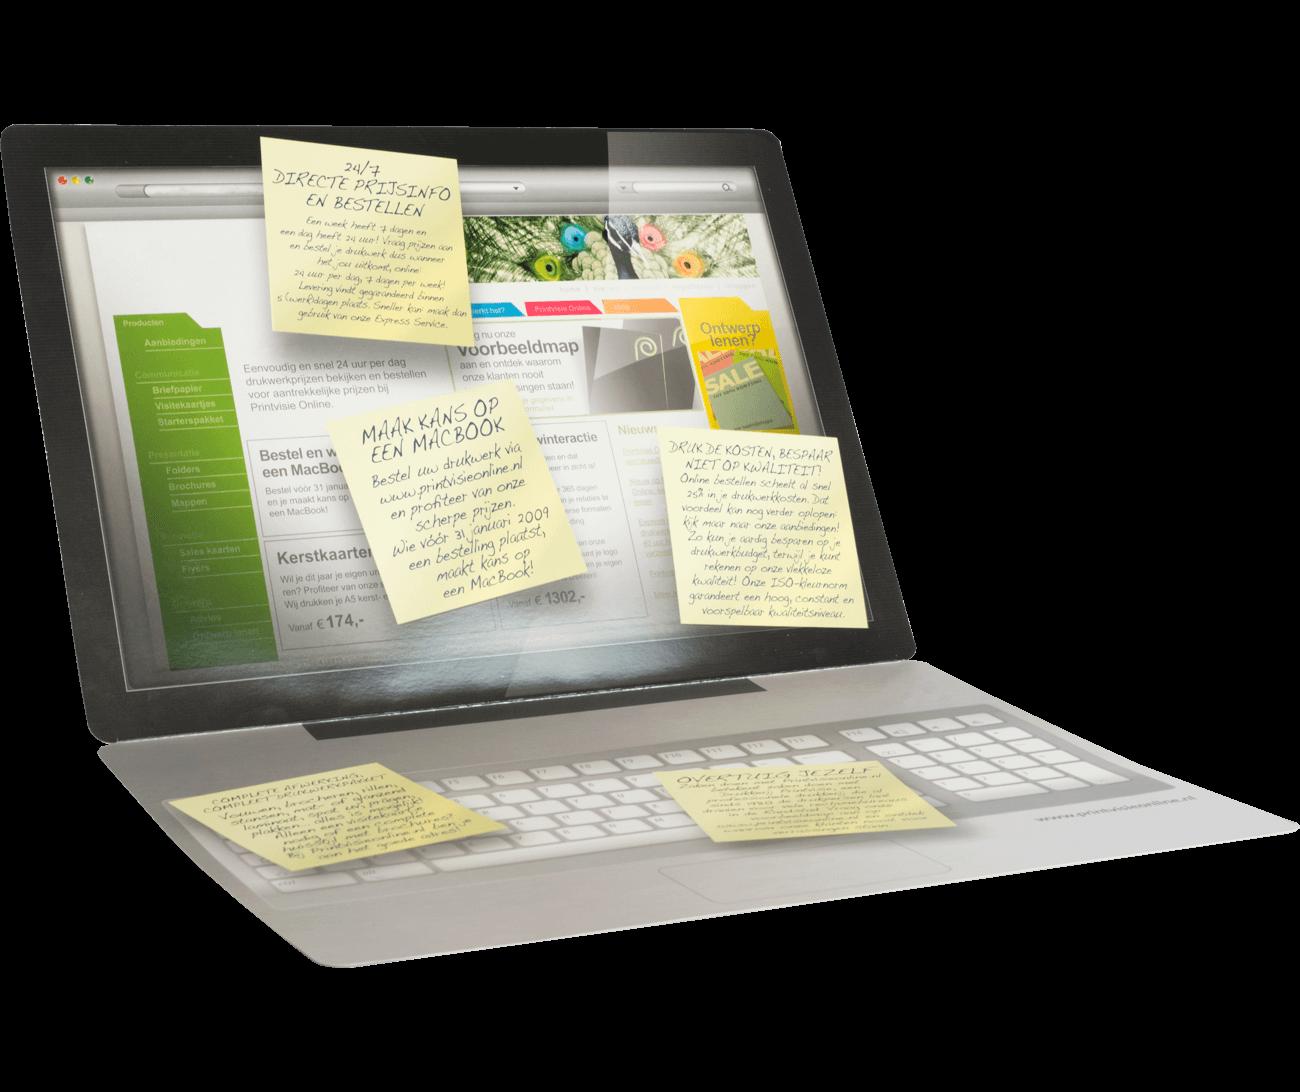 Laptop folders